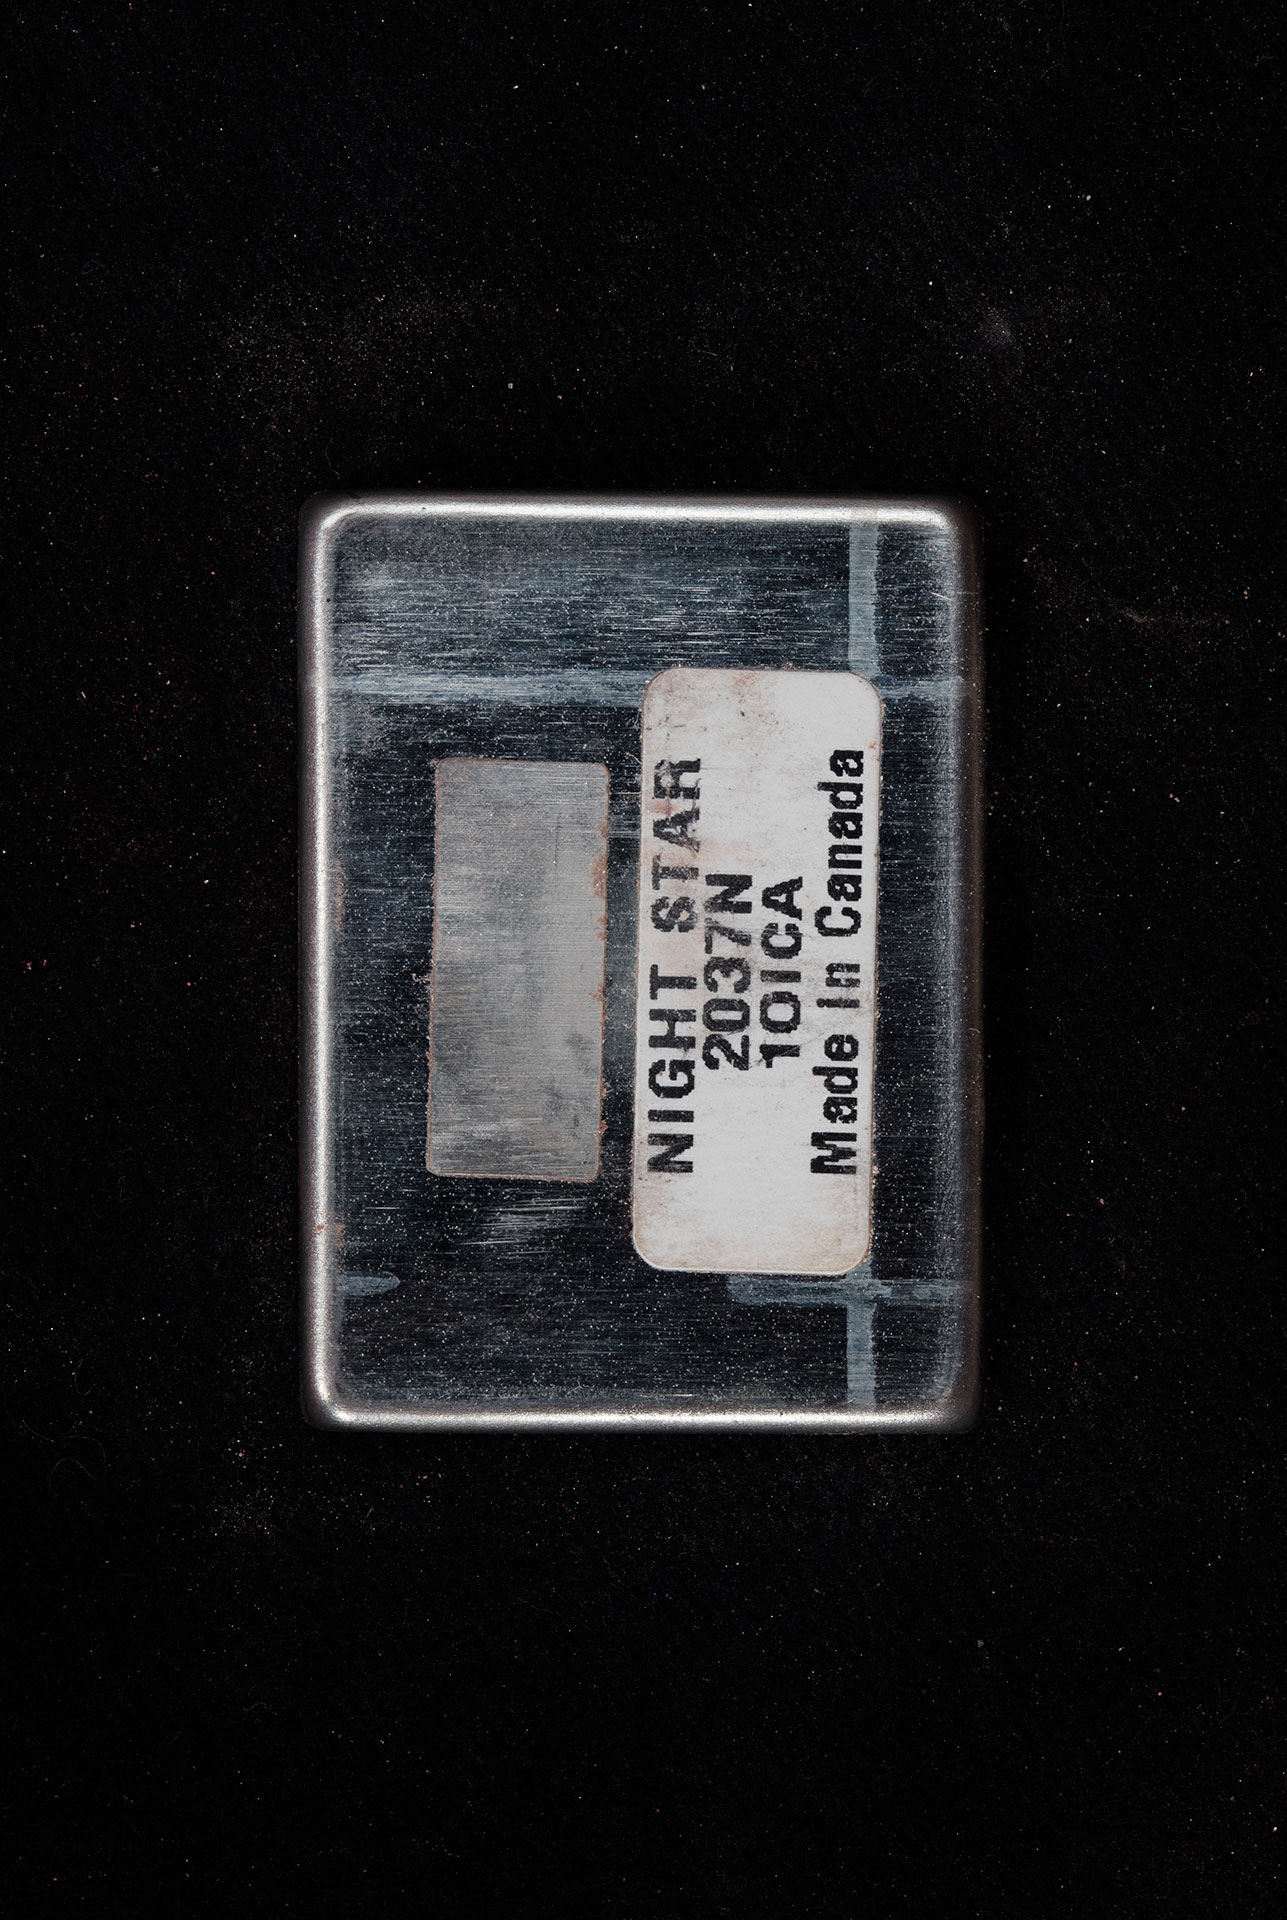 NIGNT-STAR-2037N10ICA-B 70X100cm 5Editions